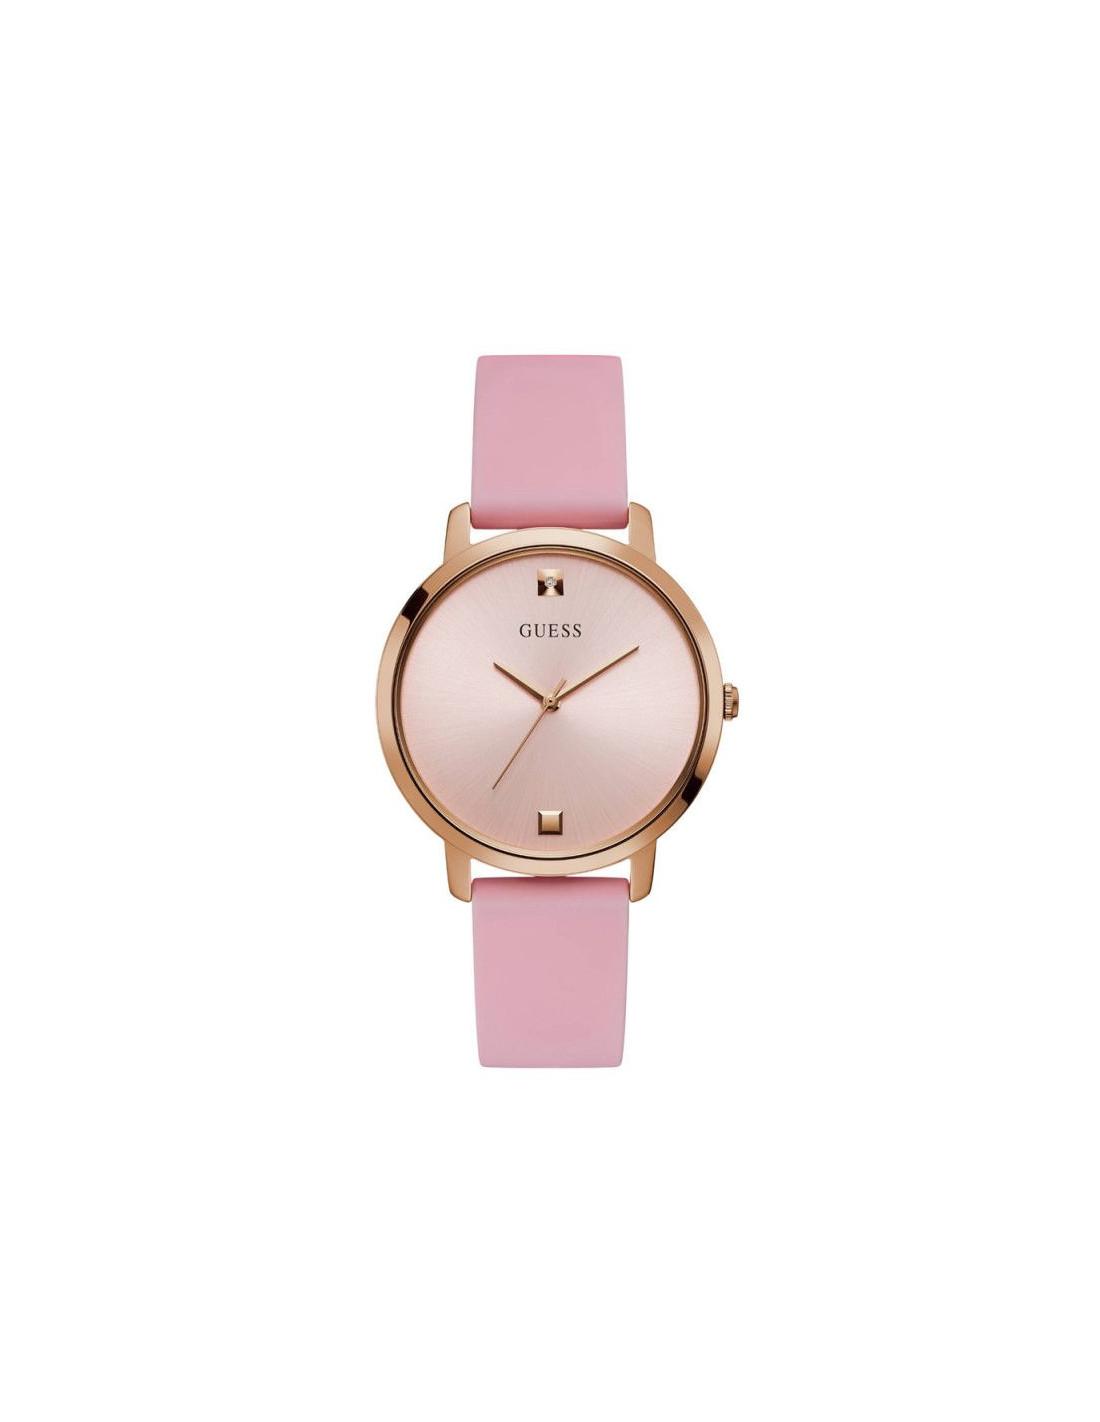 Reloj Nova Con Correa Rosa W1210l3 Diamante De Guess Y Silicona Rosado ED29YWHI